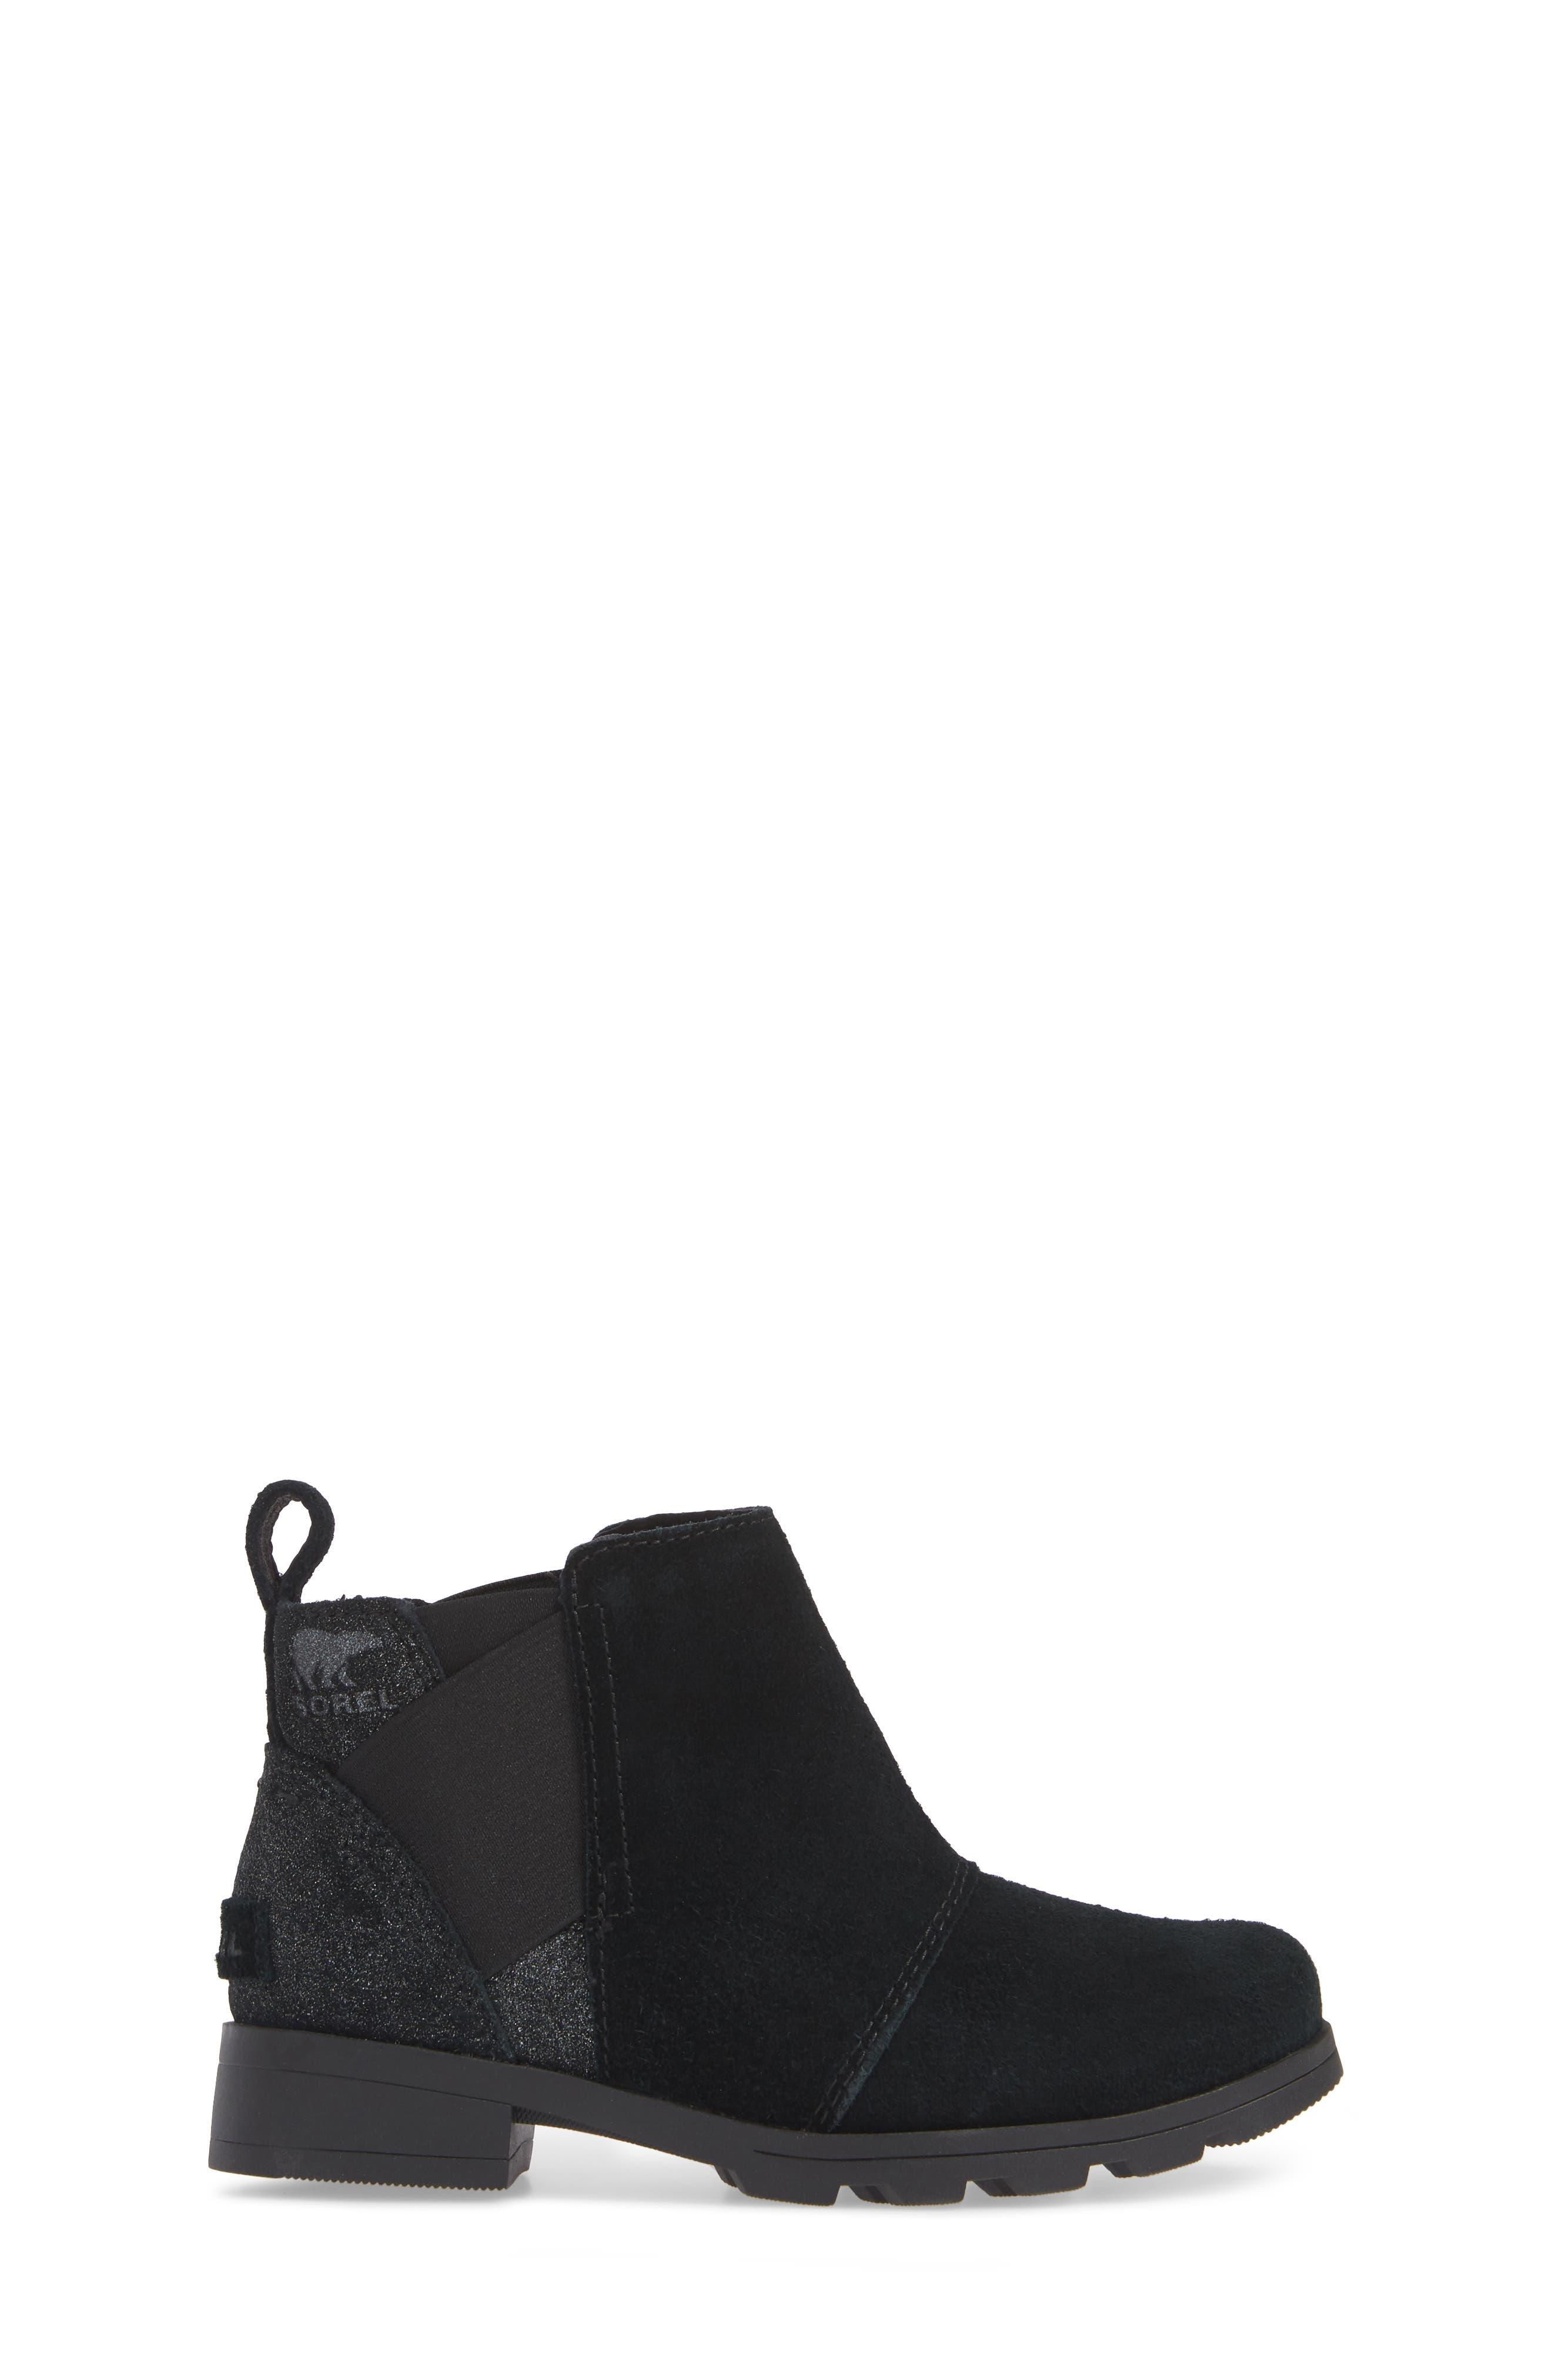 Emelie Waterproof Chelsea Boot,                             Alternate thumbnail 3, color,                             BLACK